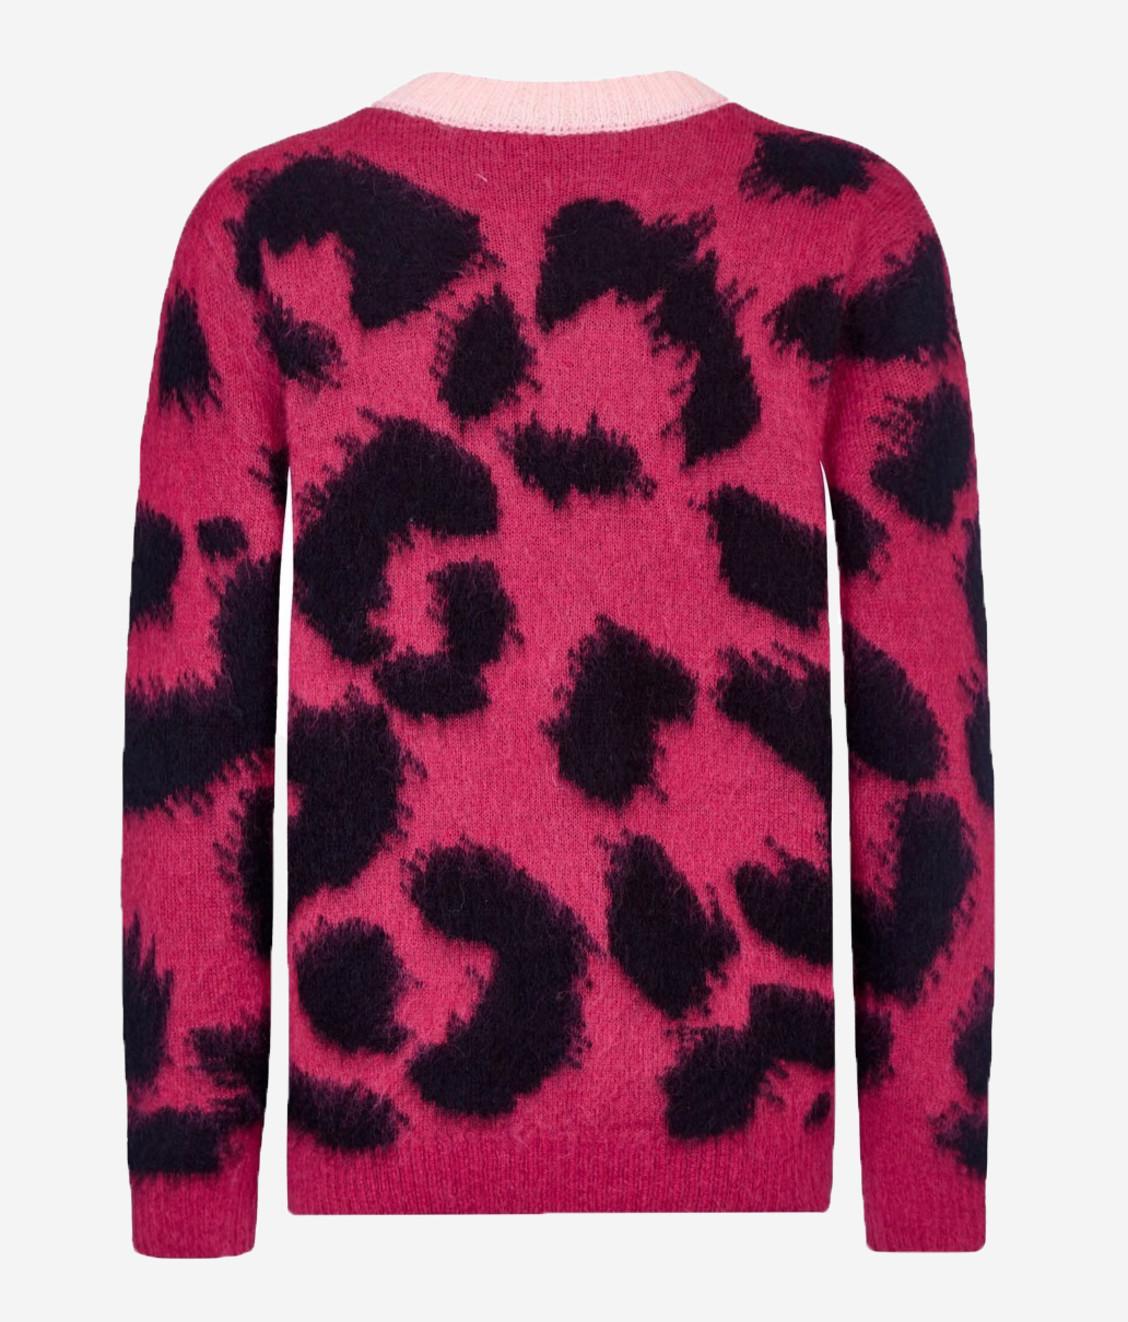 Etre Cecile Leopard Boxy Knit Bordeaux Black Pink